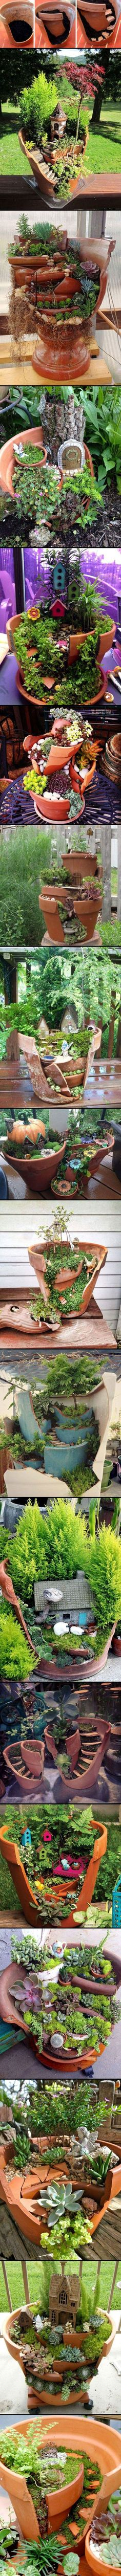 Diese Deko ist einfach wunderschön. Man kann echte Hobbit-Landschaften erschaffen oder kleine ...